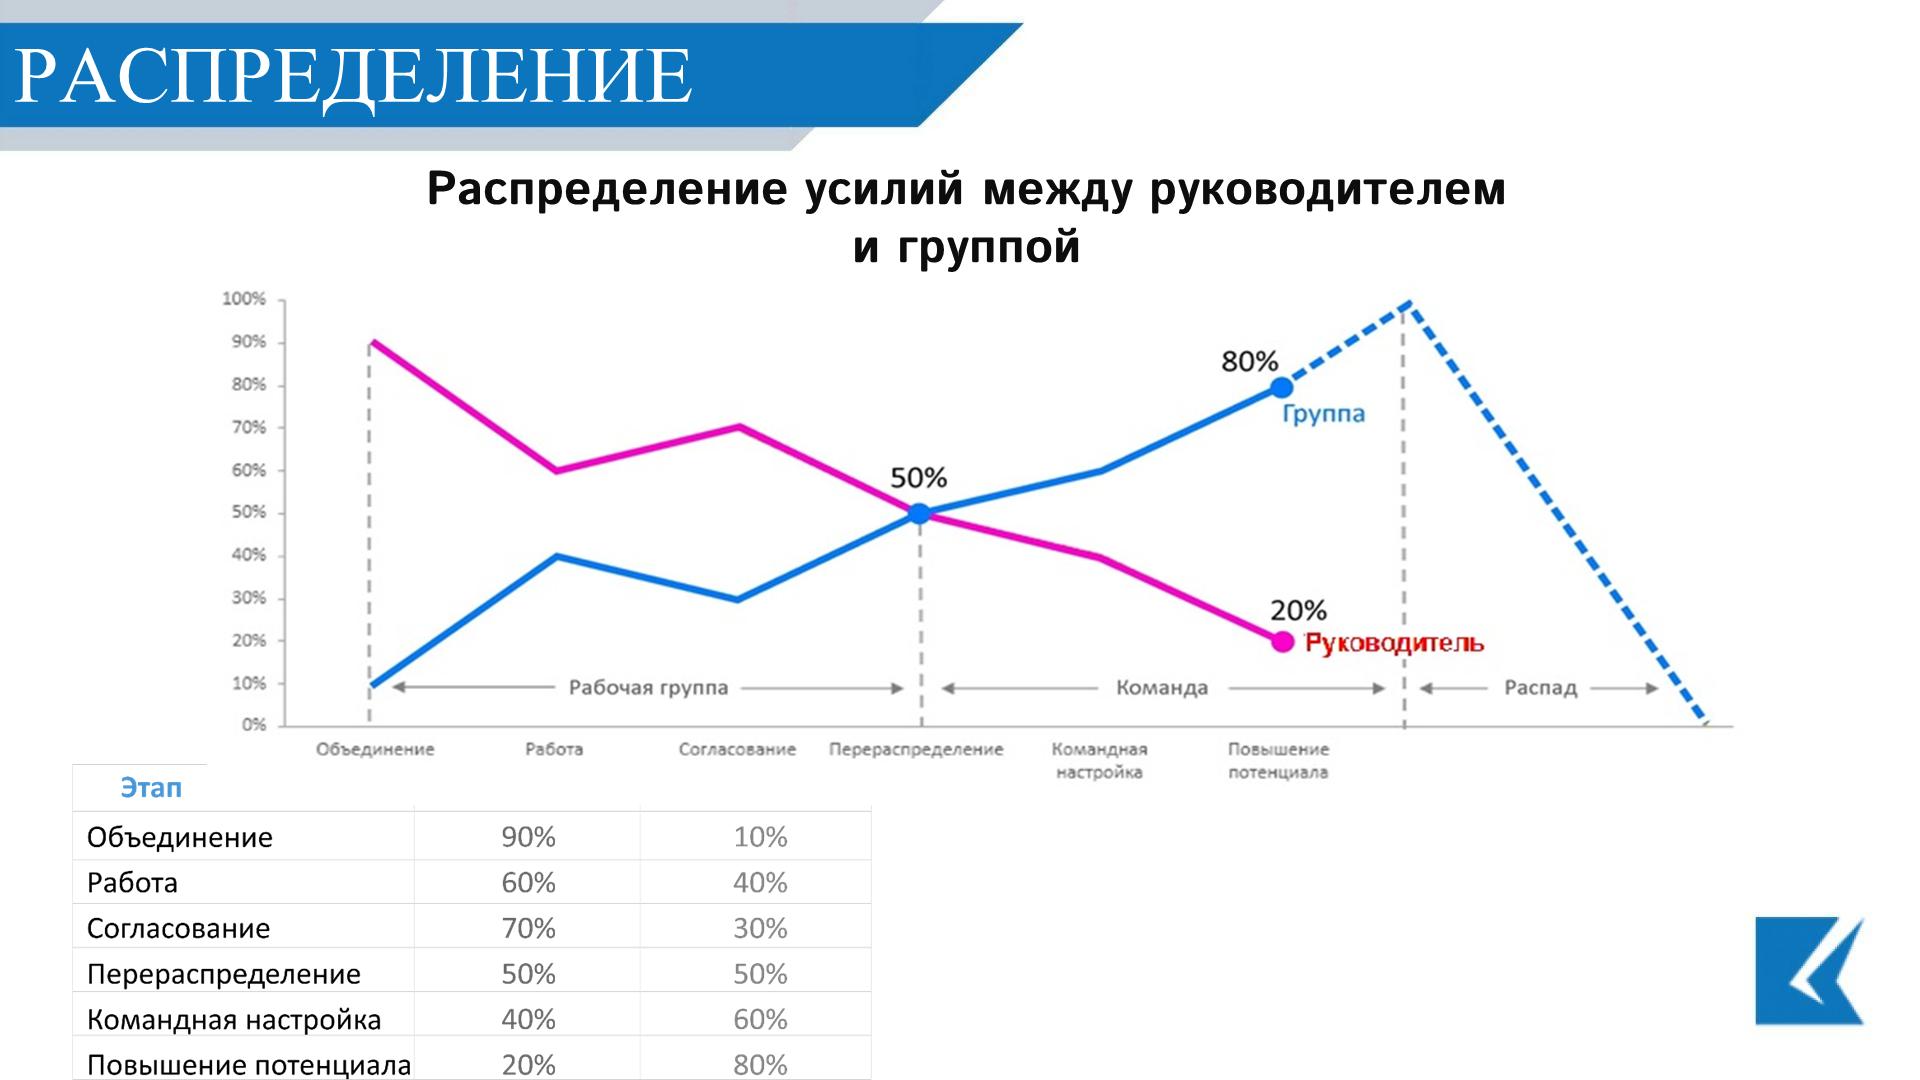 График Распределение усилий между руководителем и группой